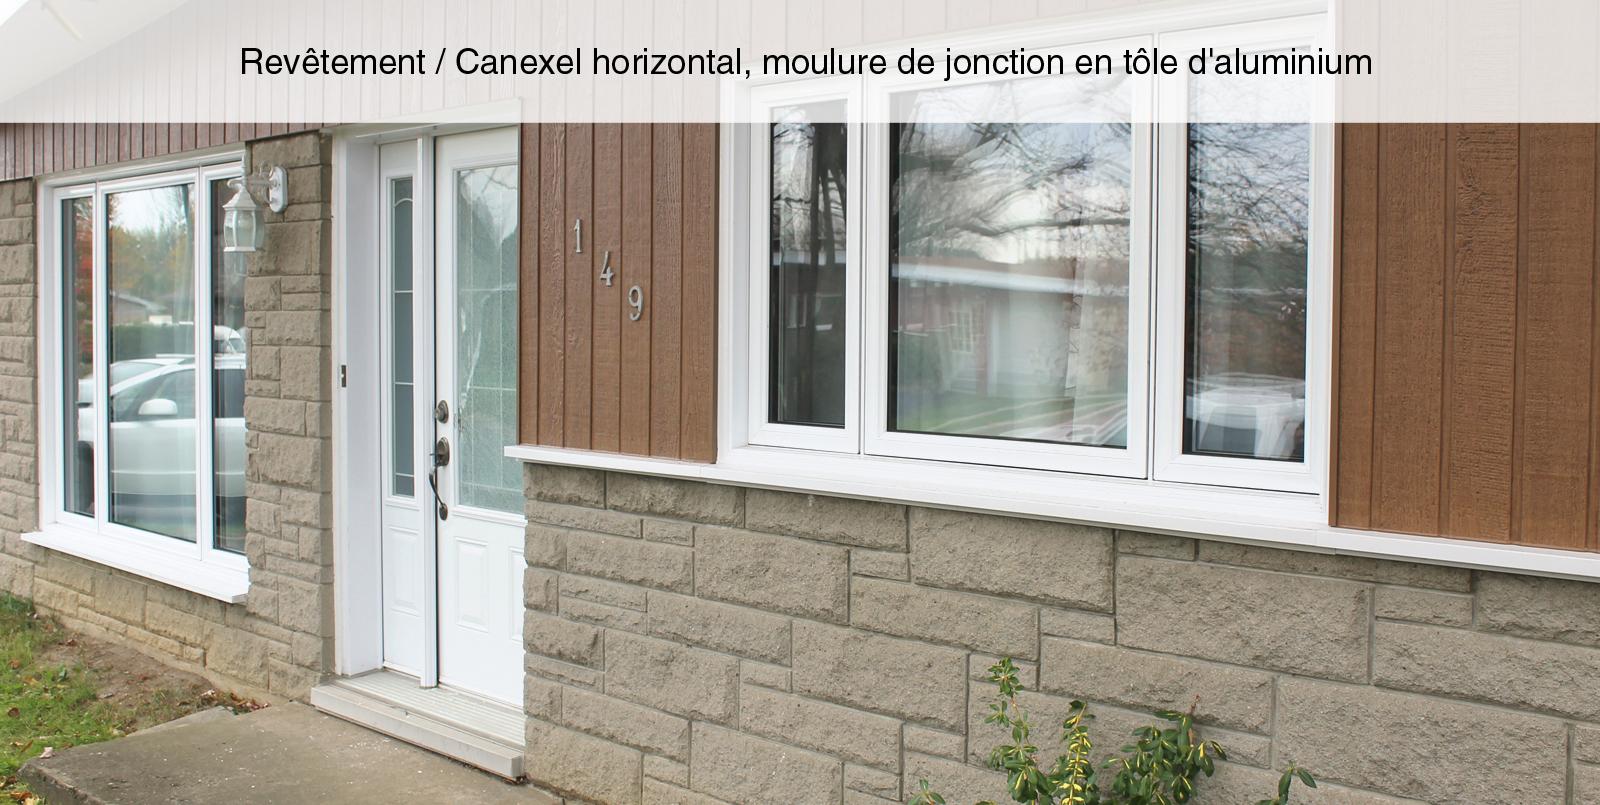 63-1-PANACHE-CONSTRUCTION-RENOVATION-REVETEMENT-EXTERIEUR-CANEXEL